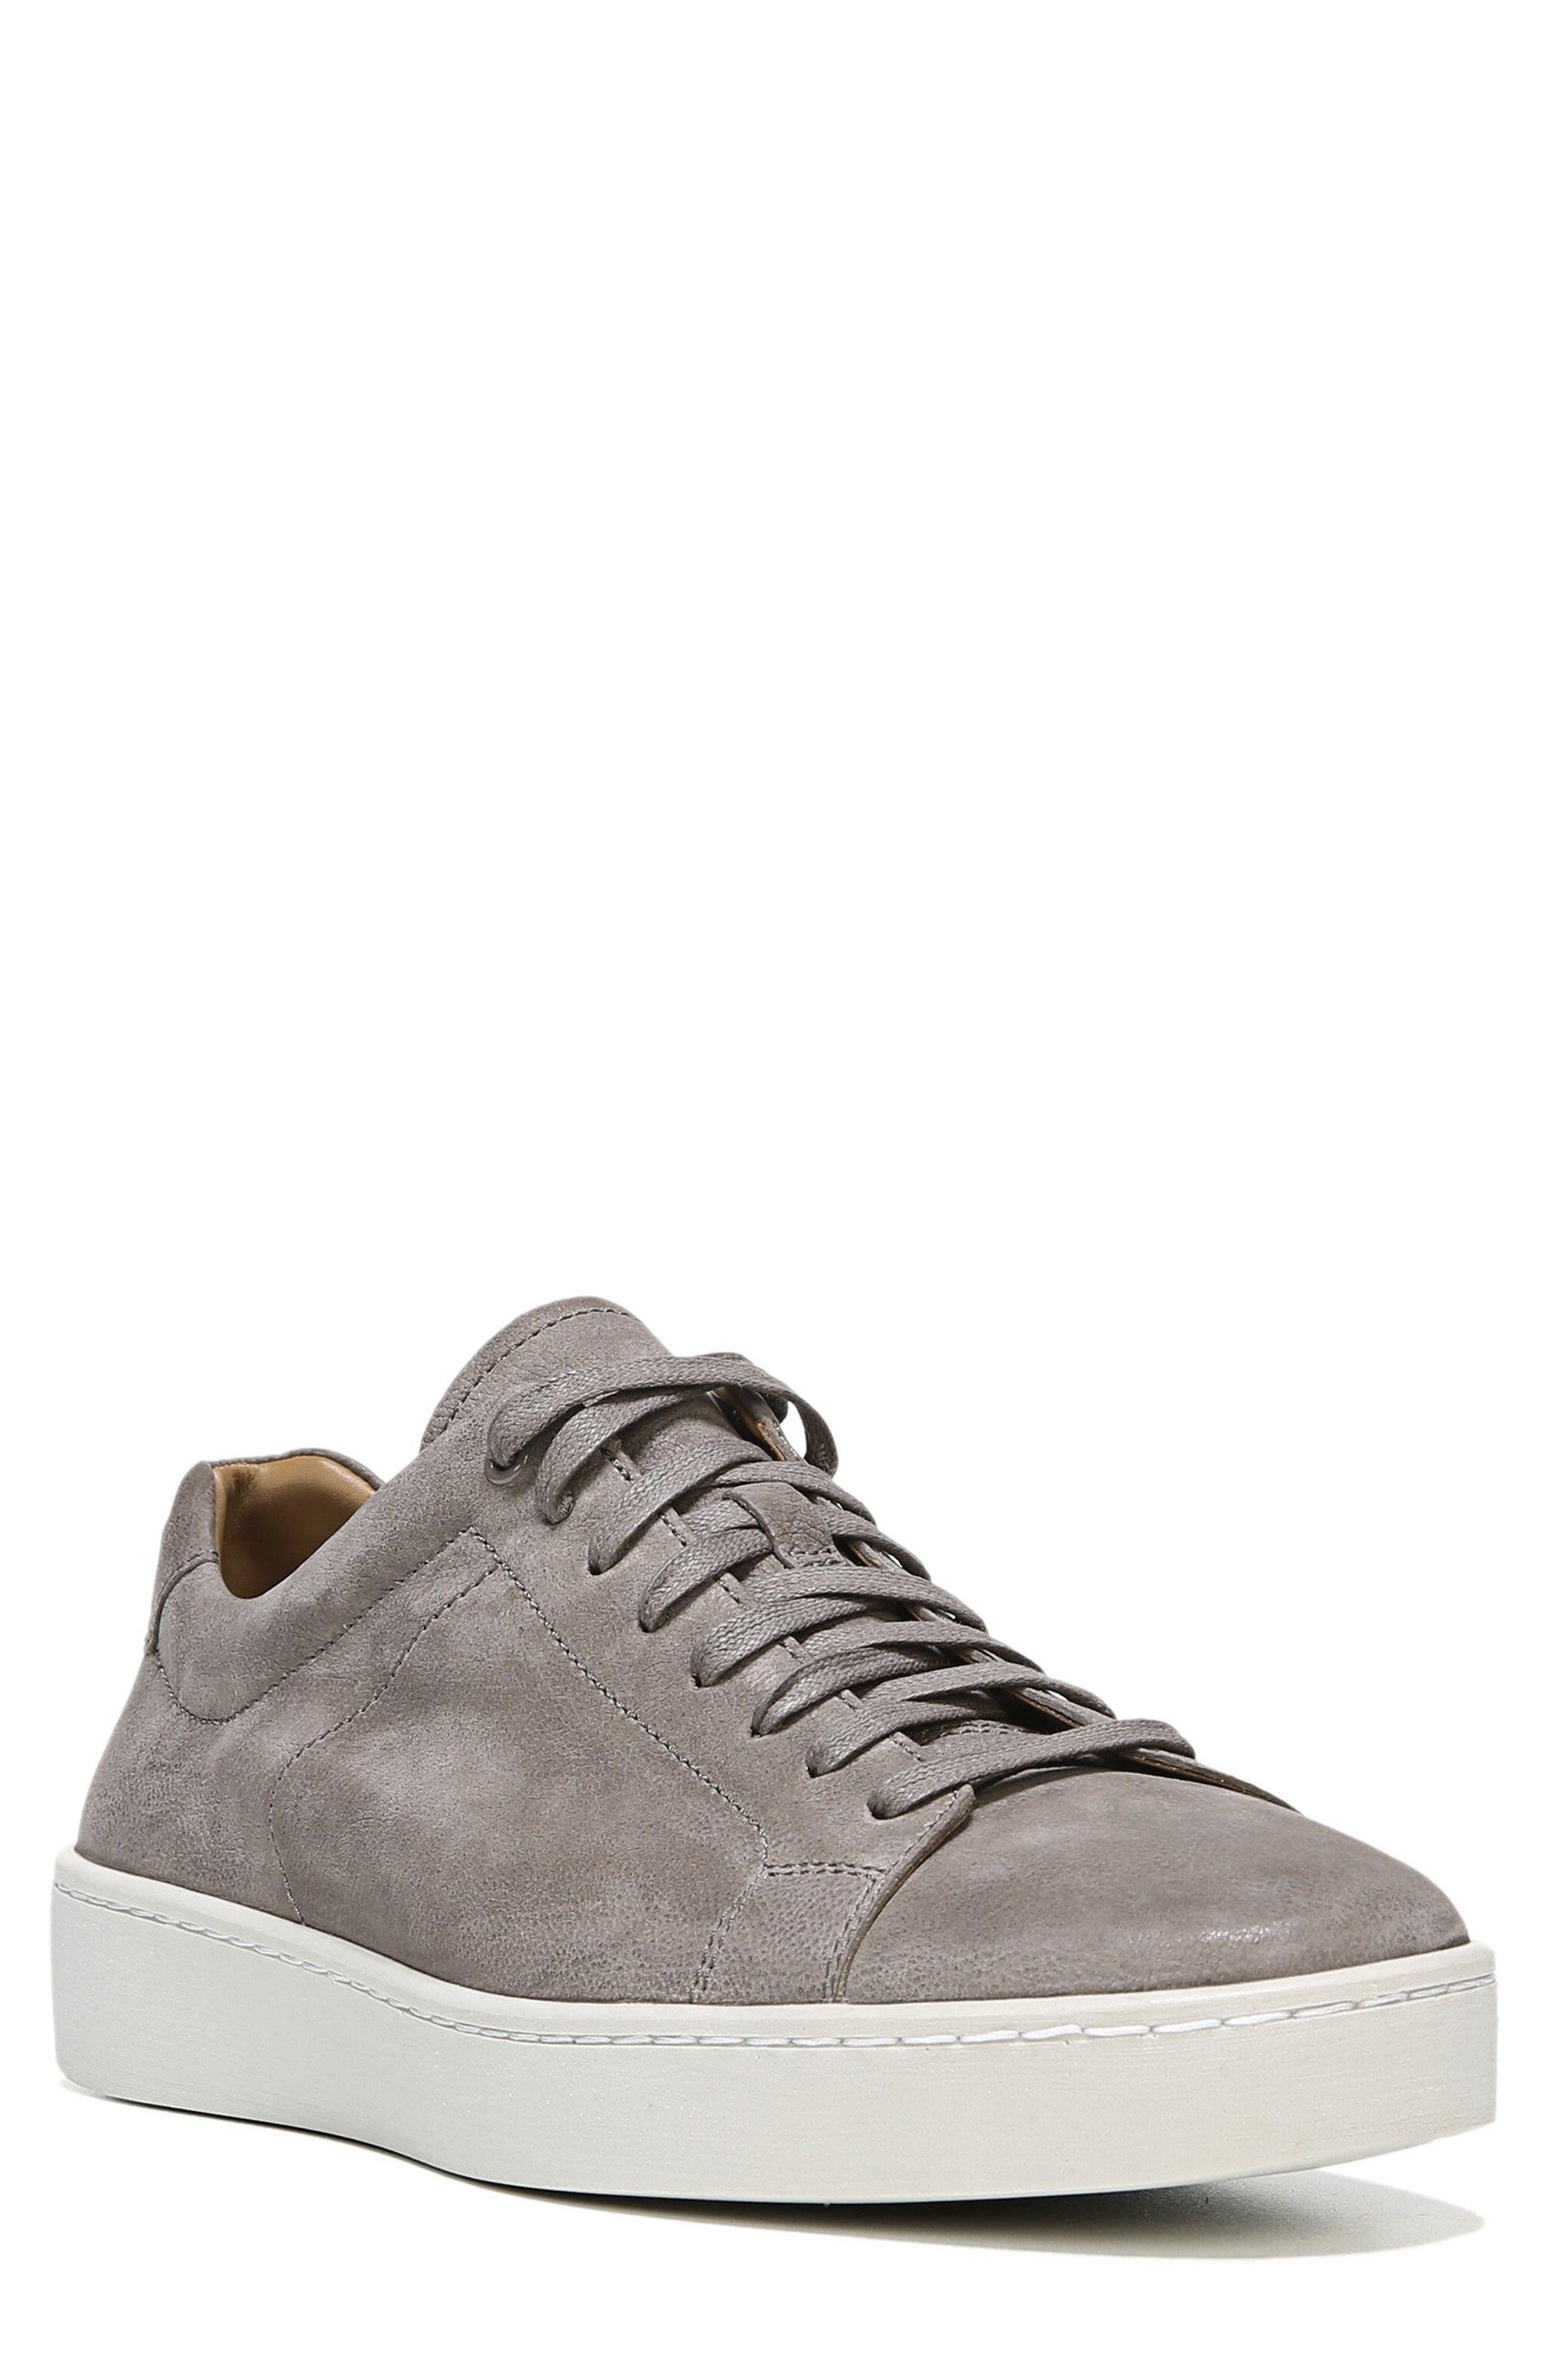 Alternate Image 1 Selected - Vince Slater Sneaker (Men)